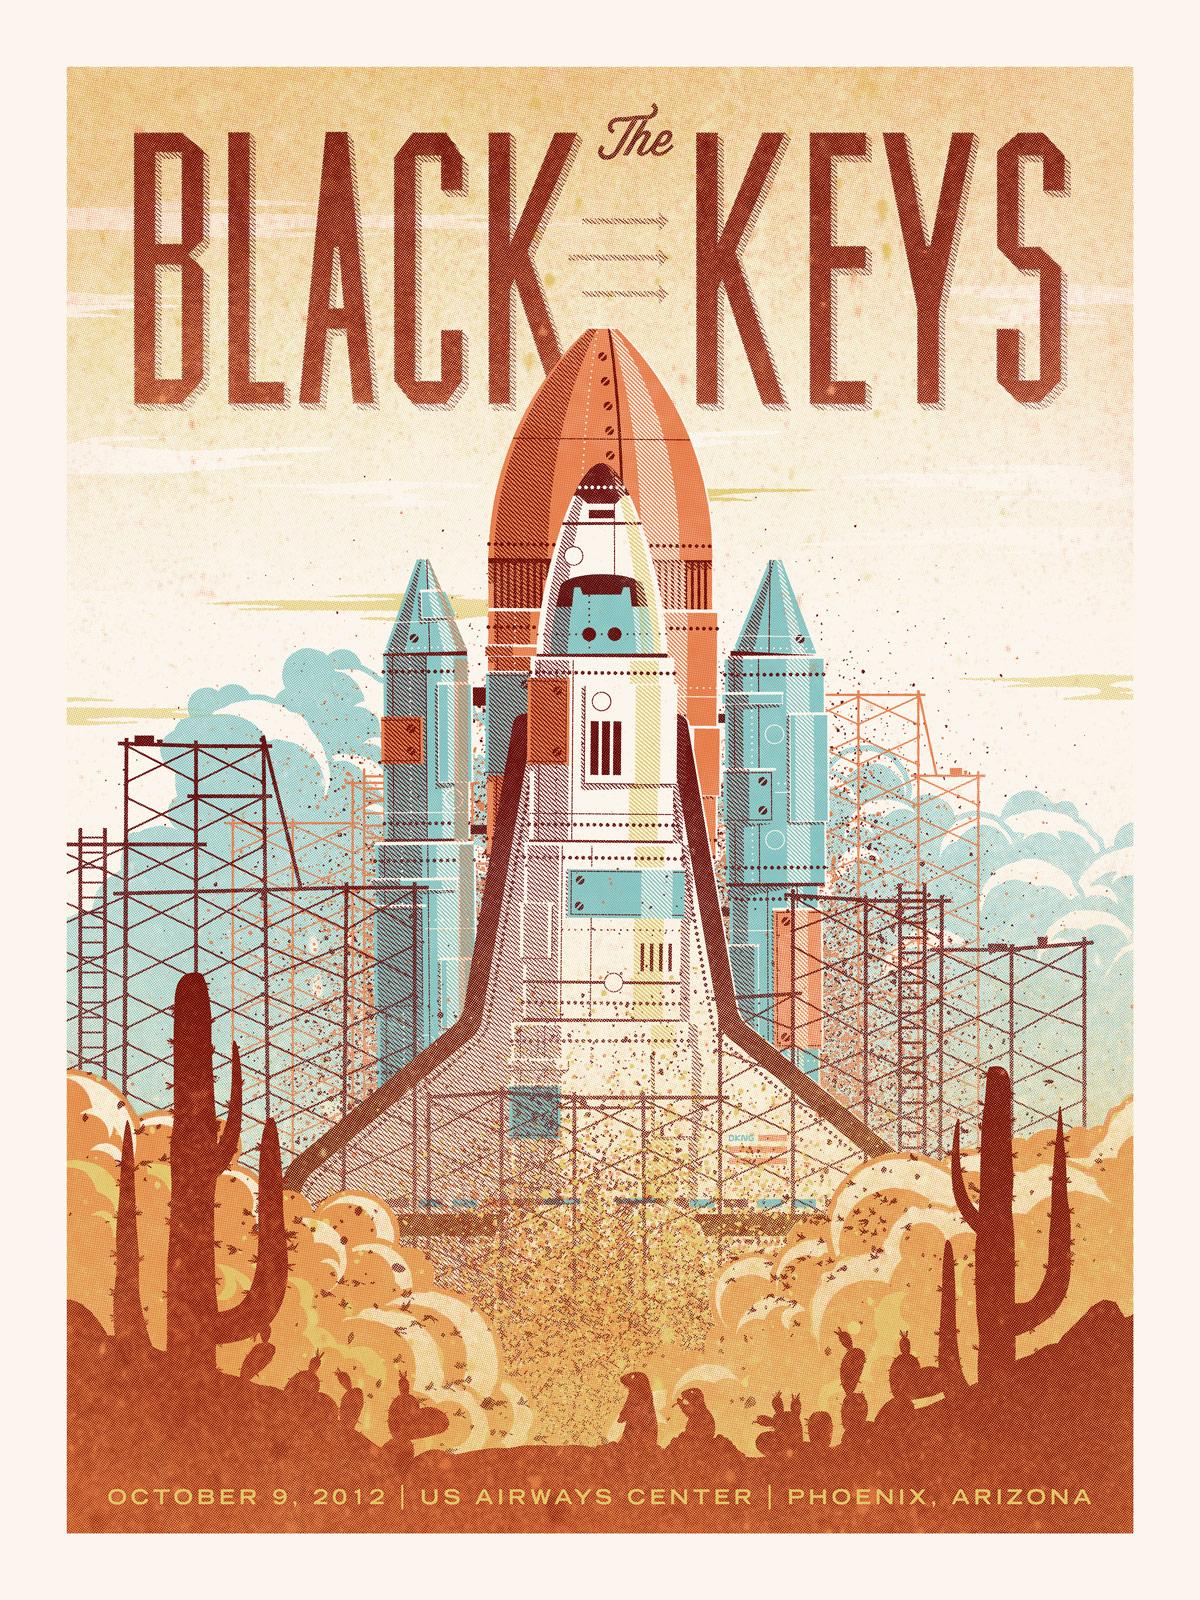 The Black Keys // Phoenix, AZ Poster by DKNGstudios